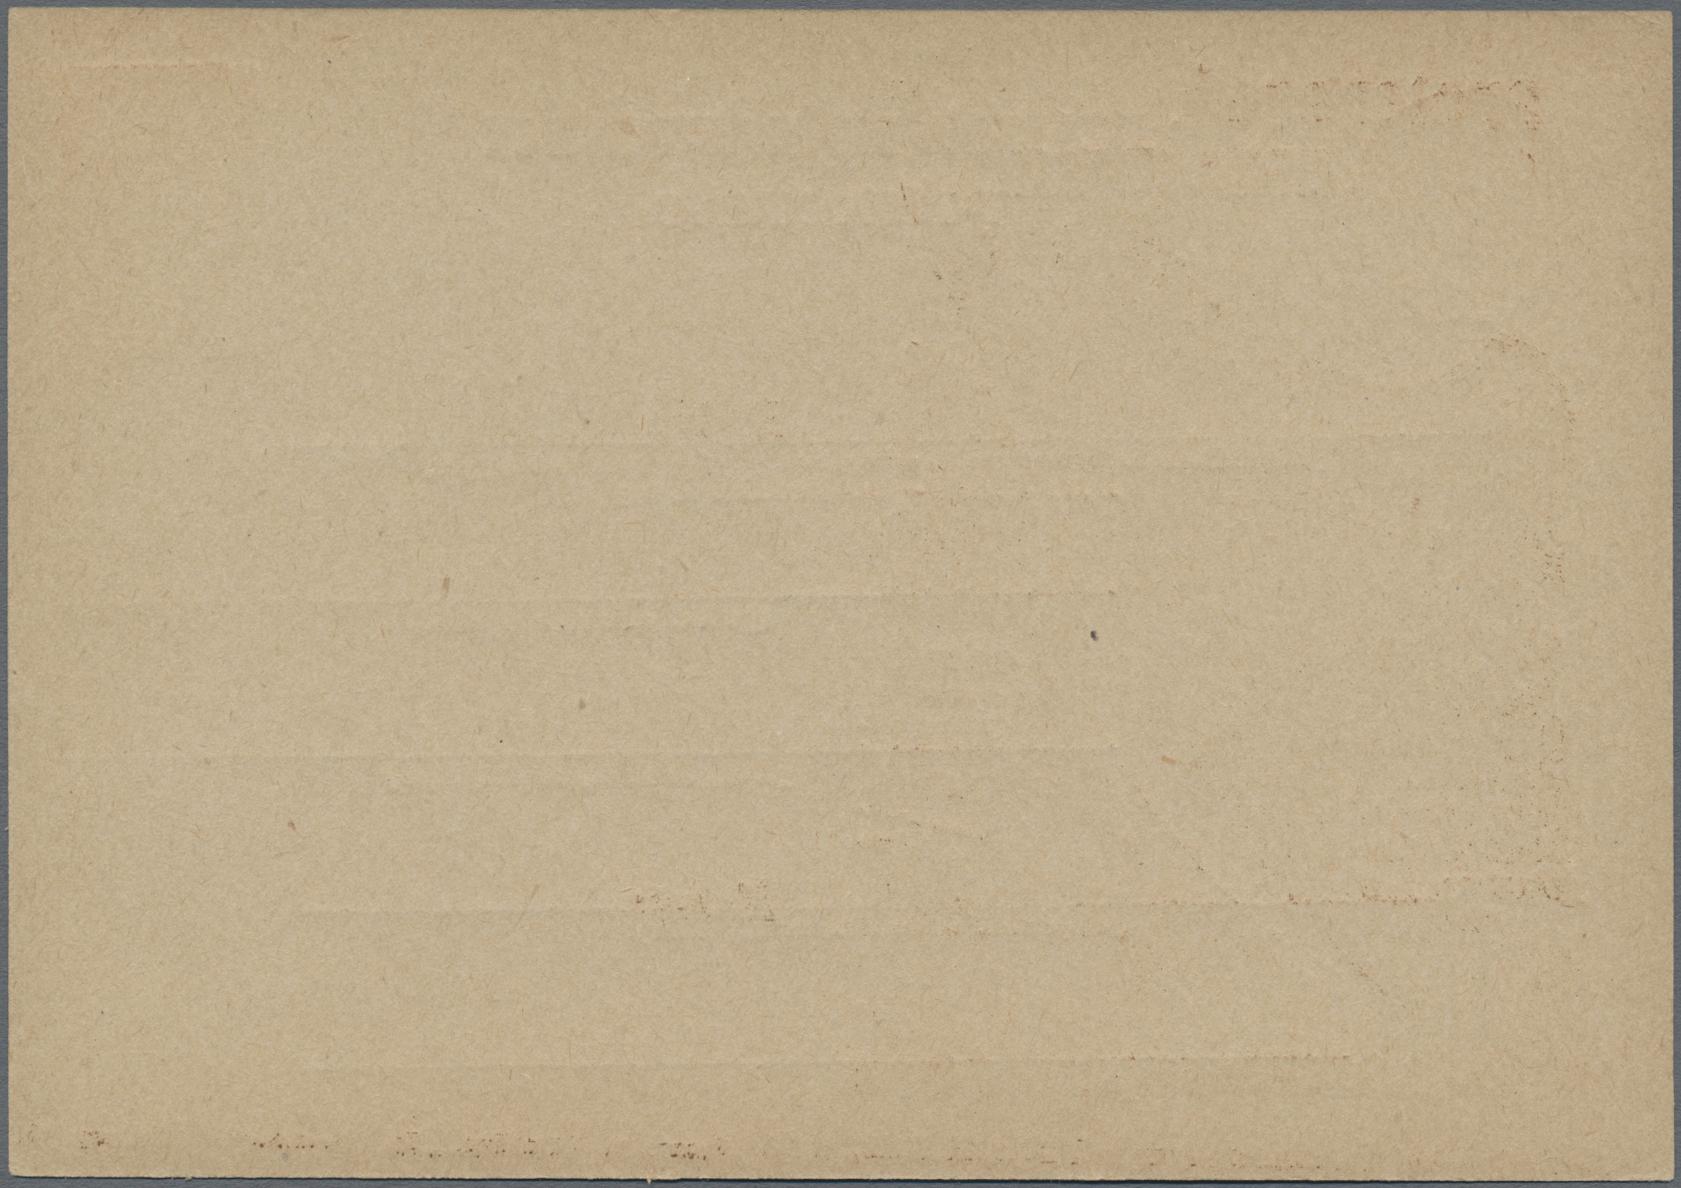 Lot 09941 - Sowjetunion - Ganzsachen  -  Auktionshaus Christoph Gärtner GmbH & Co. KG Sale #48 The Single Lots Philatelie